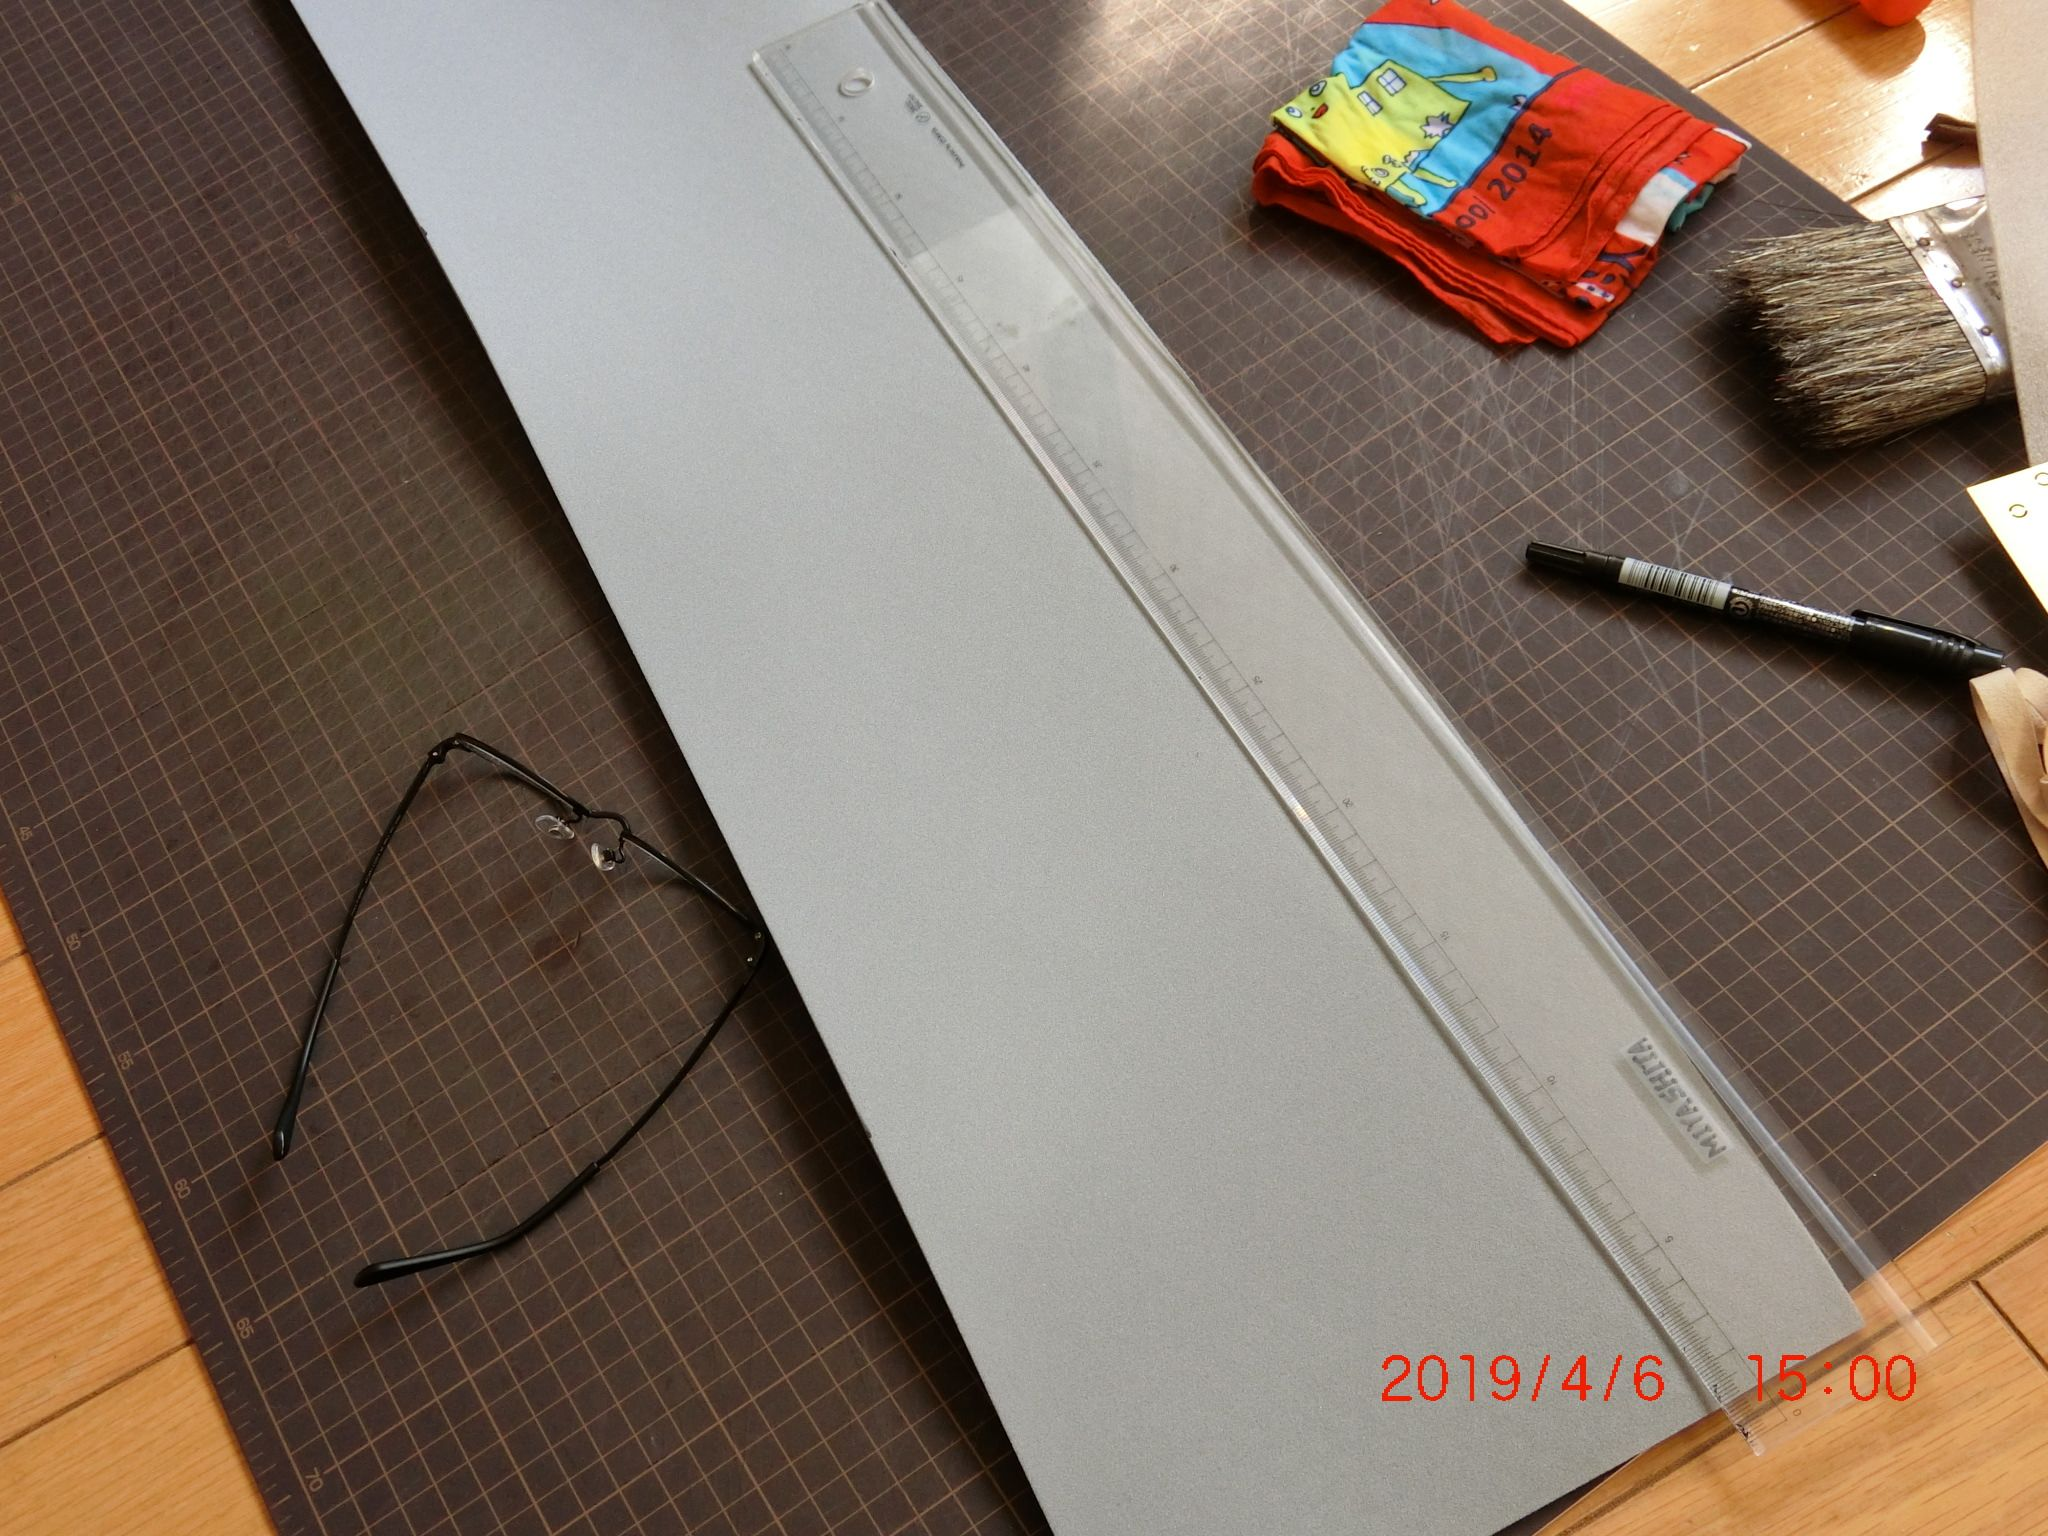 鋼板ゆえにハンドルをつかんだり ロックを解除したりするだびに 結構 ガチャガチャとうるさい モノの出し入れもきっとうるさいだろうから 底板を入れる 硬めのウレタンをカット 鋼板 うるさい ガチャガチャ